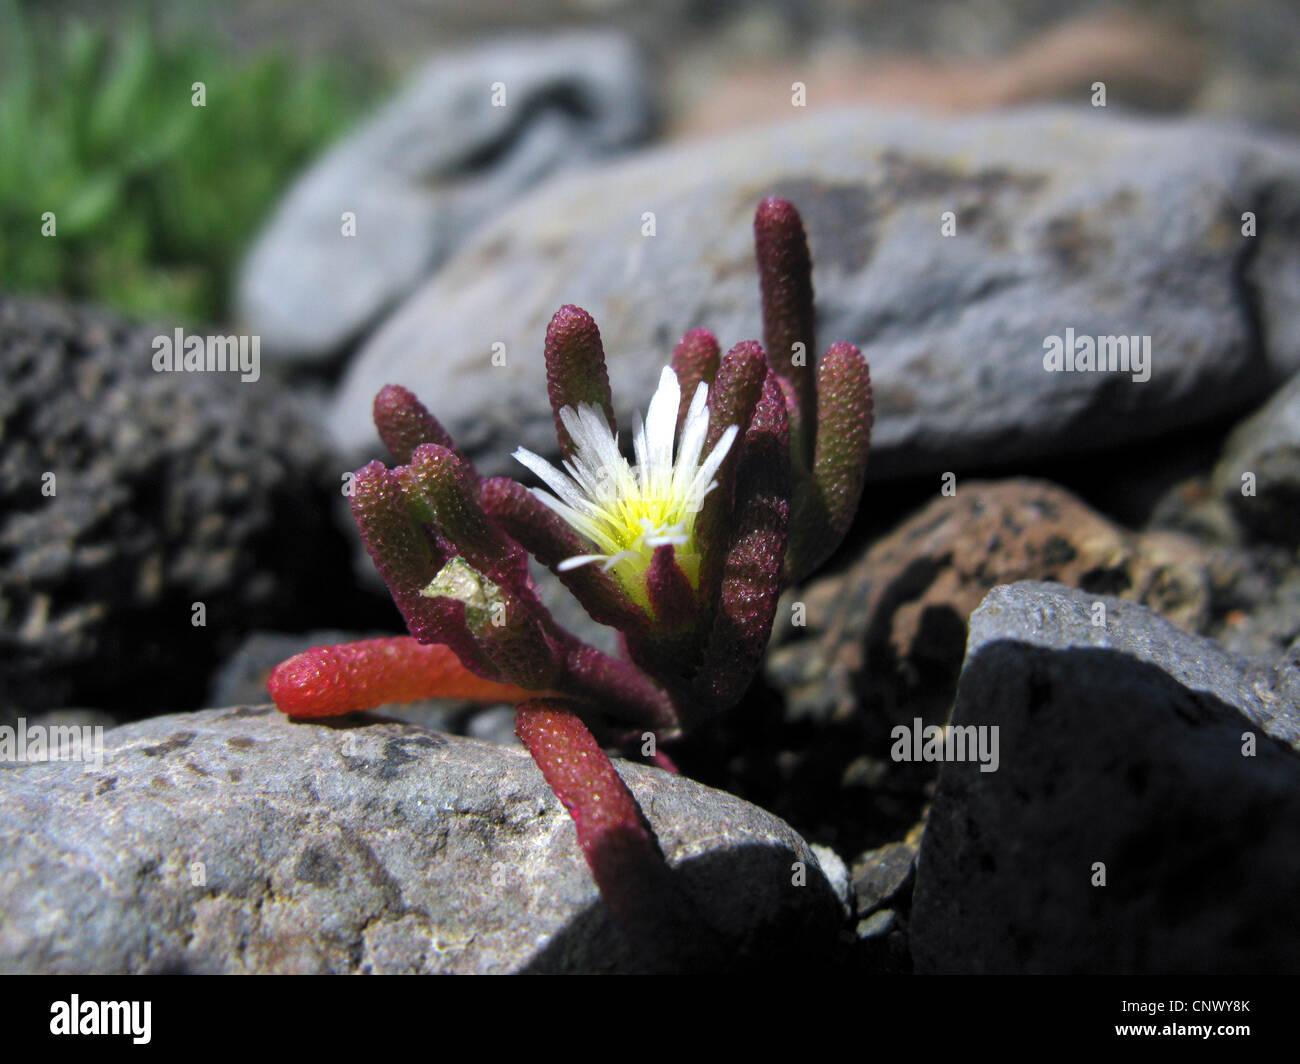 Planta de hielo Slender-Leaved (Mesembryanthemum nodiflorum), florece entre las piedras, La Gomera, Islas Canarias Imagen De Stock